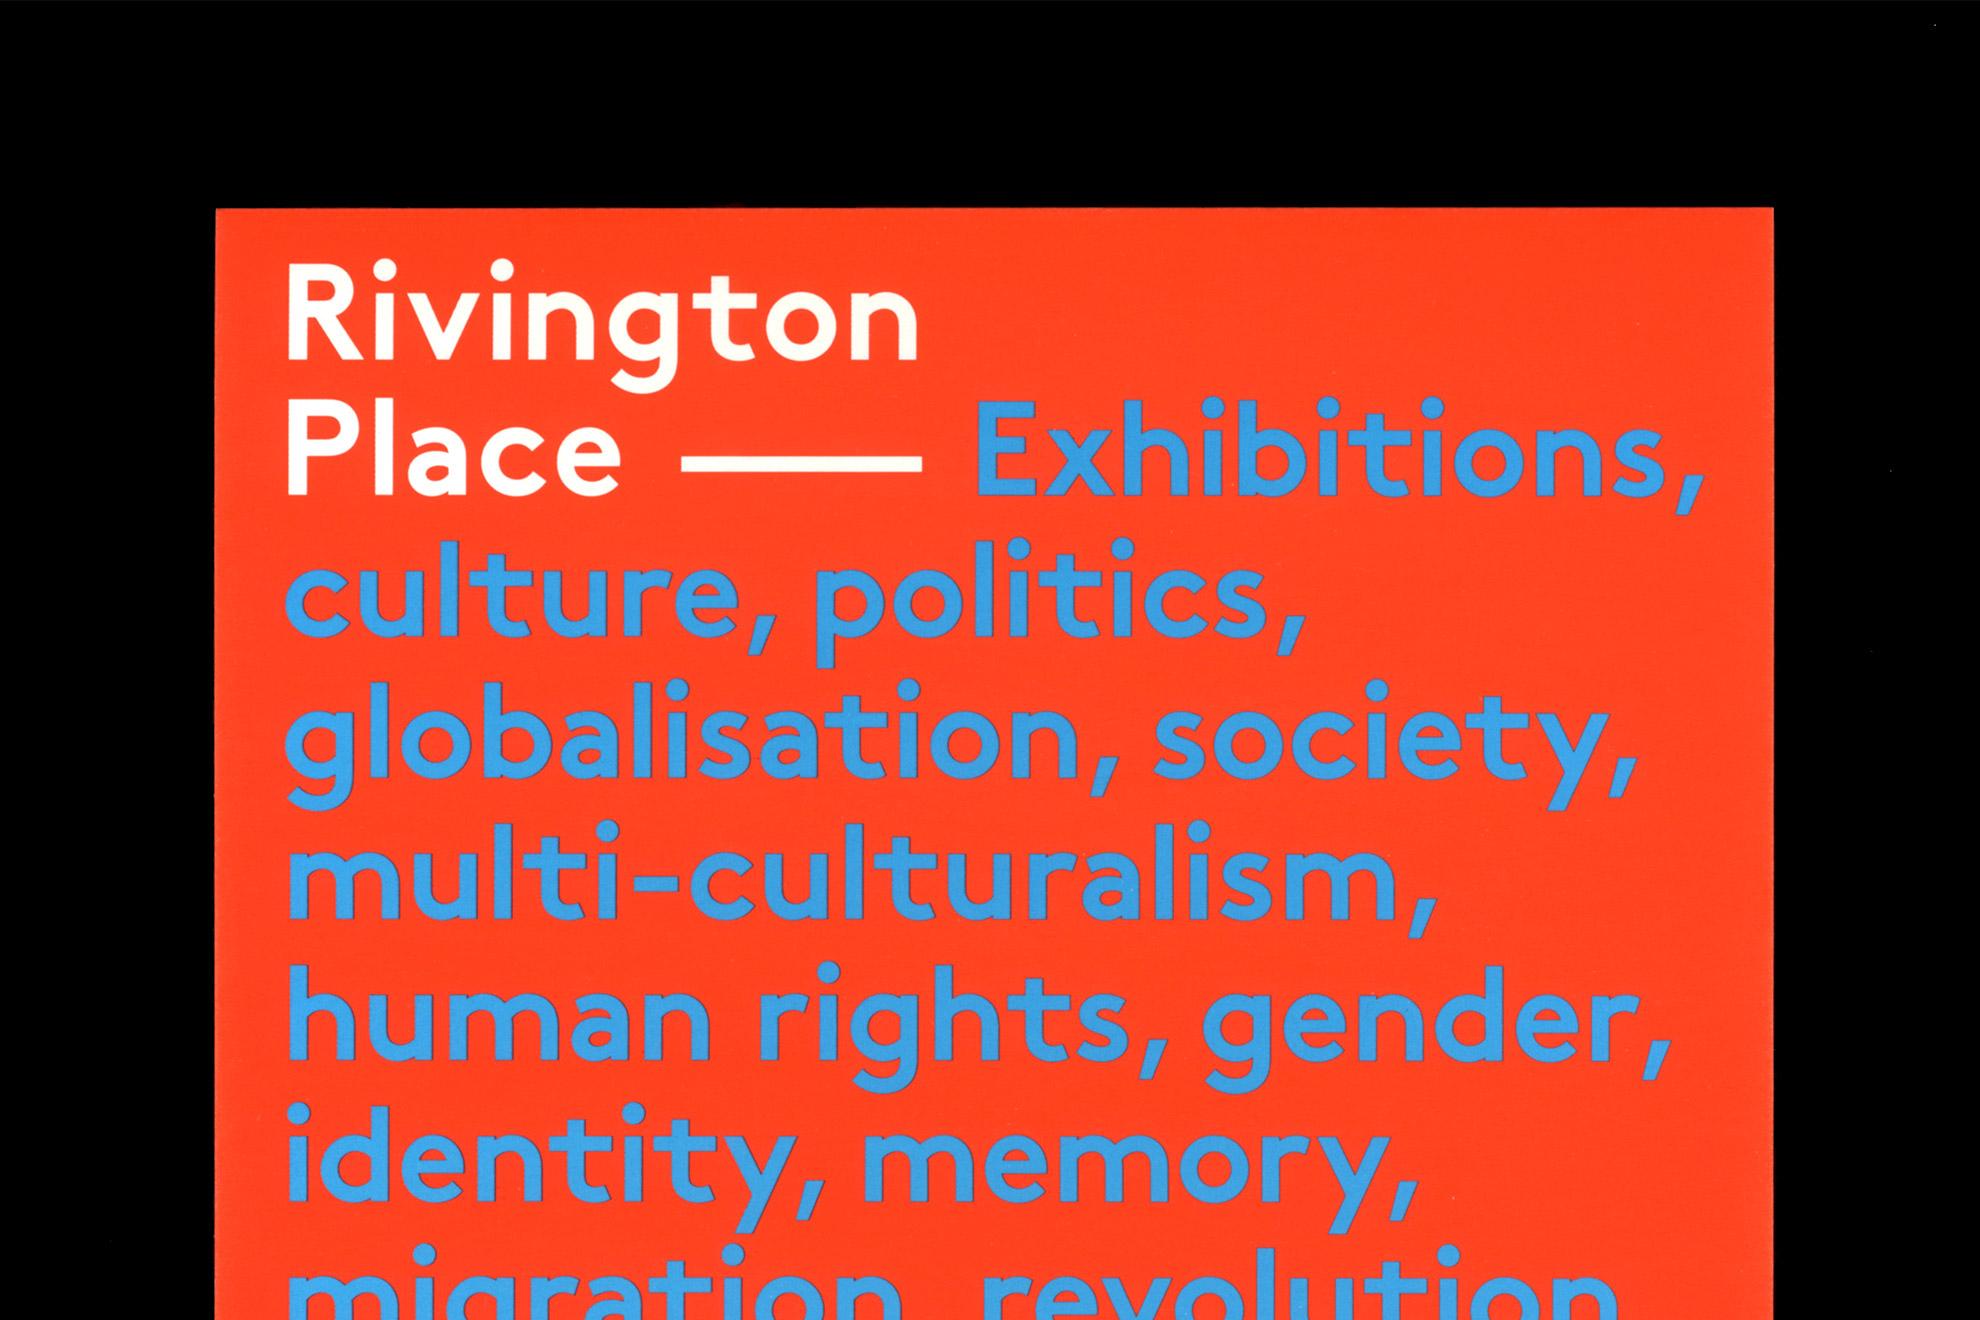 Rivington Place